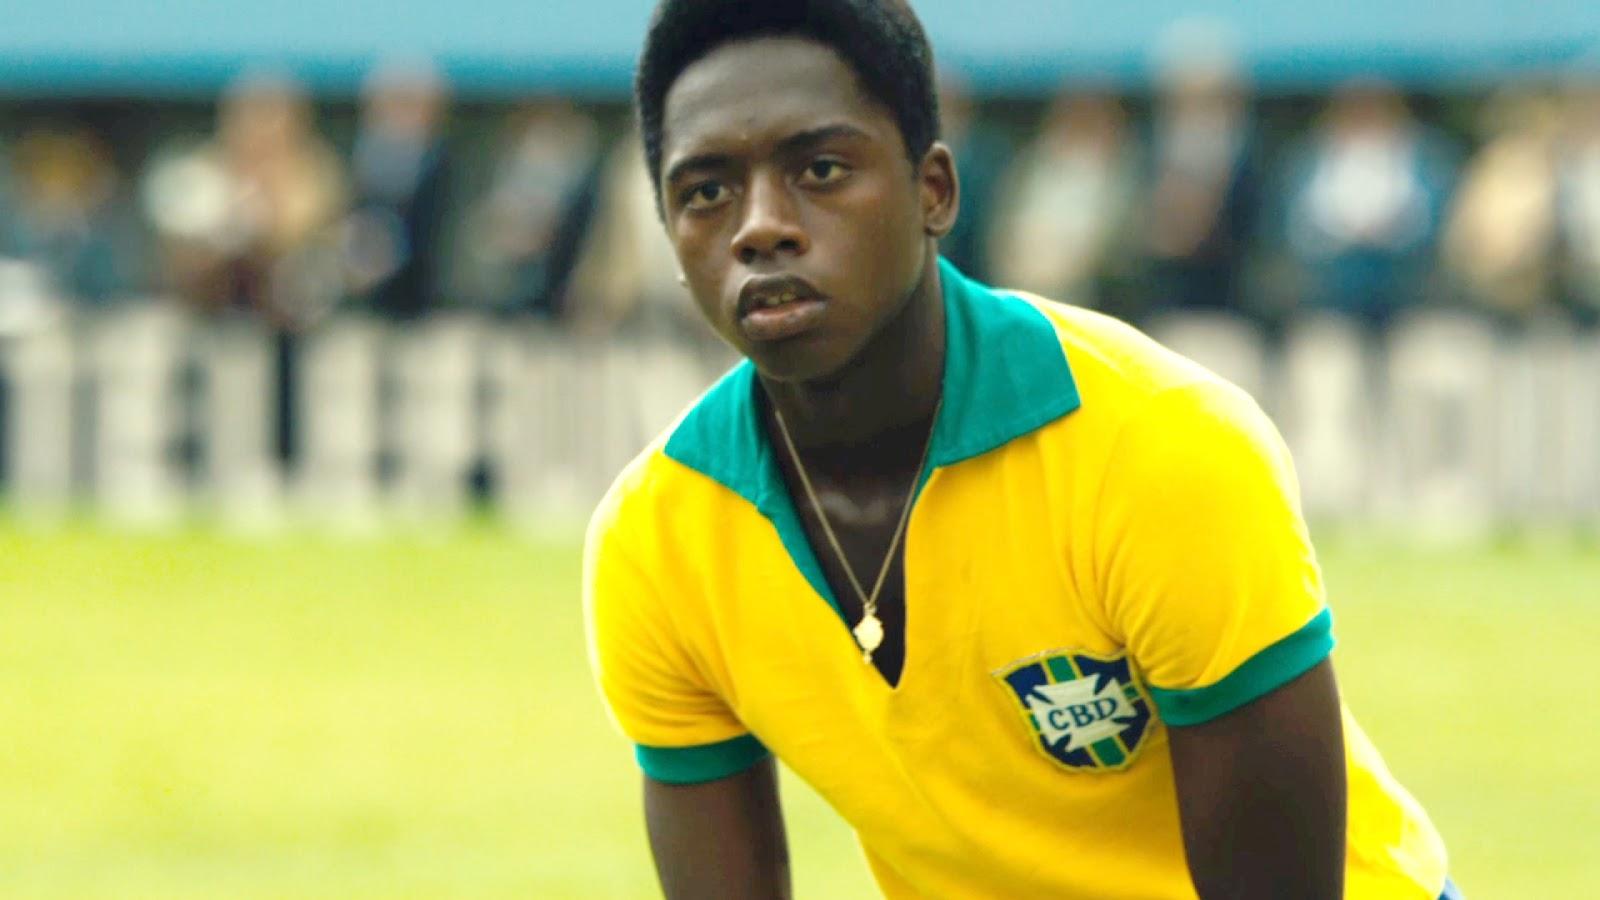 Melihat Riwayat Masa Muda Legenda Sepakbola 'Pele' Lewat Film